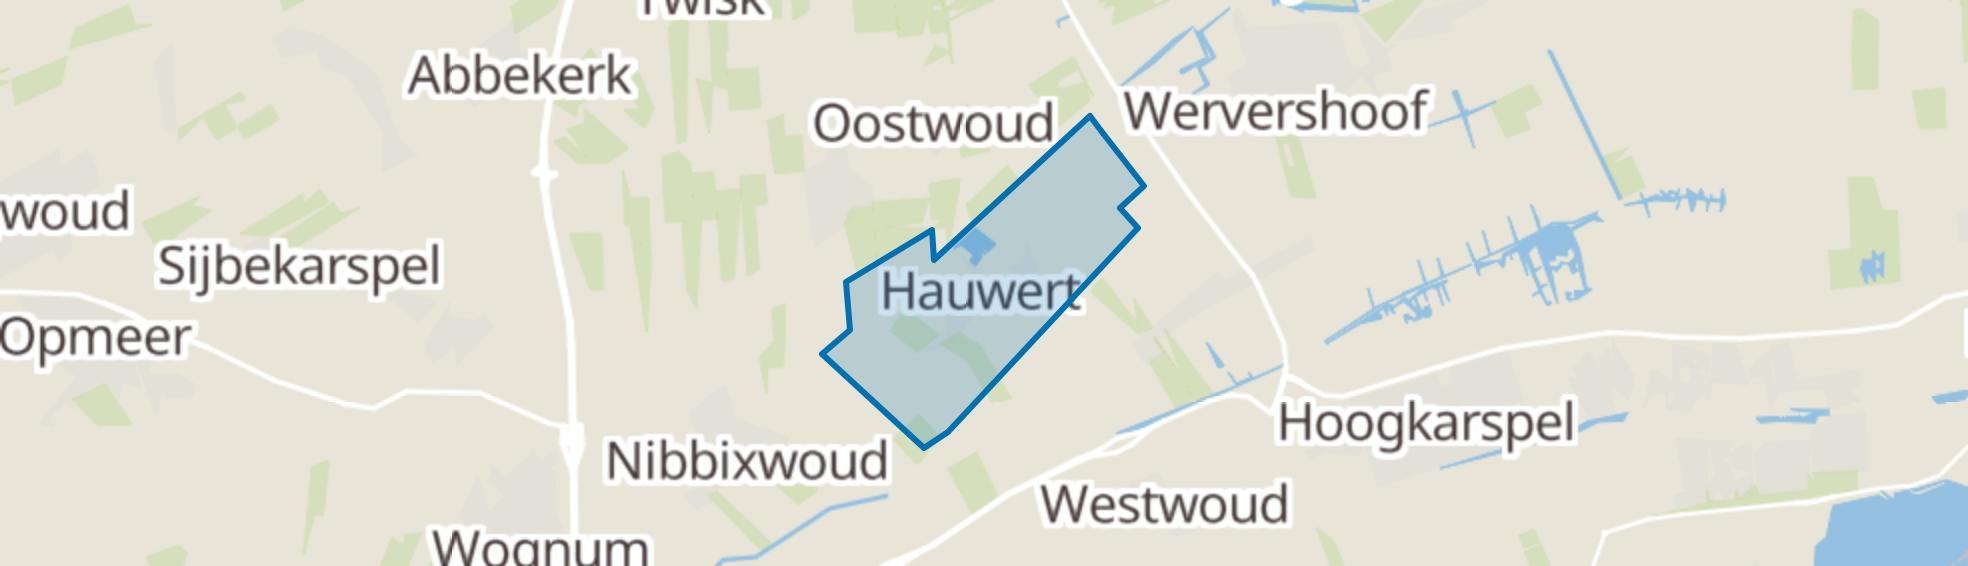 Hauwert map